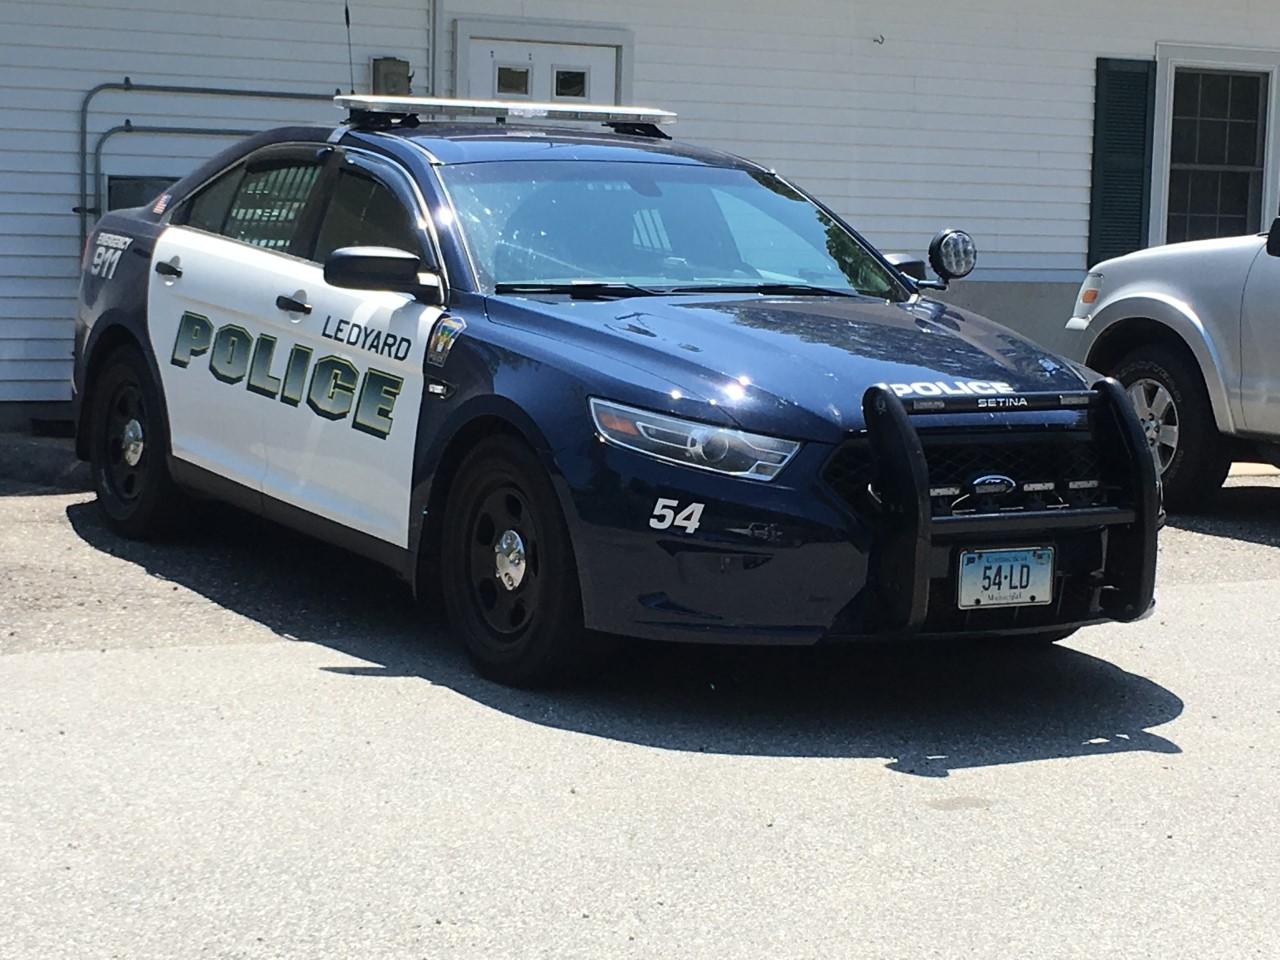 ledyard police 3_310533